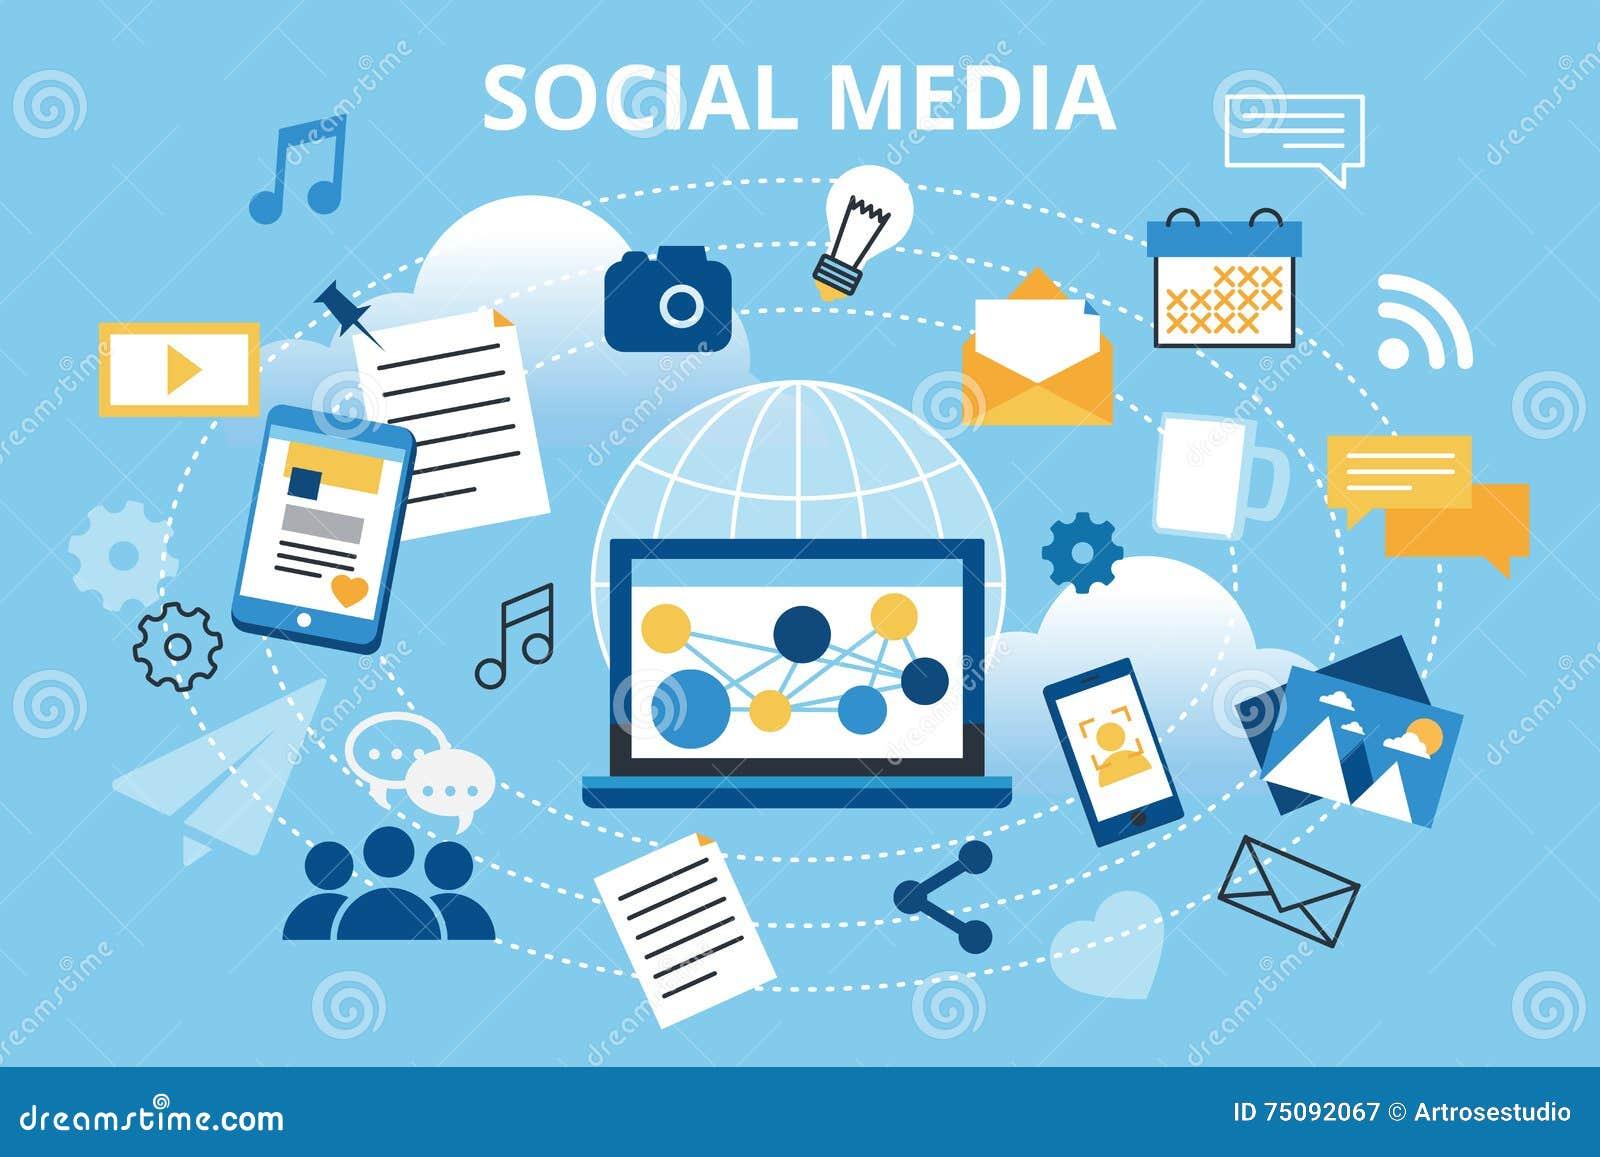 Moderne vlakke ontwerp vectorillustratie, concept sociale media, sociaal voorzien van een netwerk, Webcommuntity en het posten ni